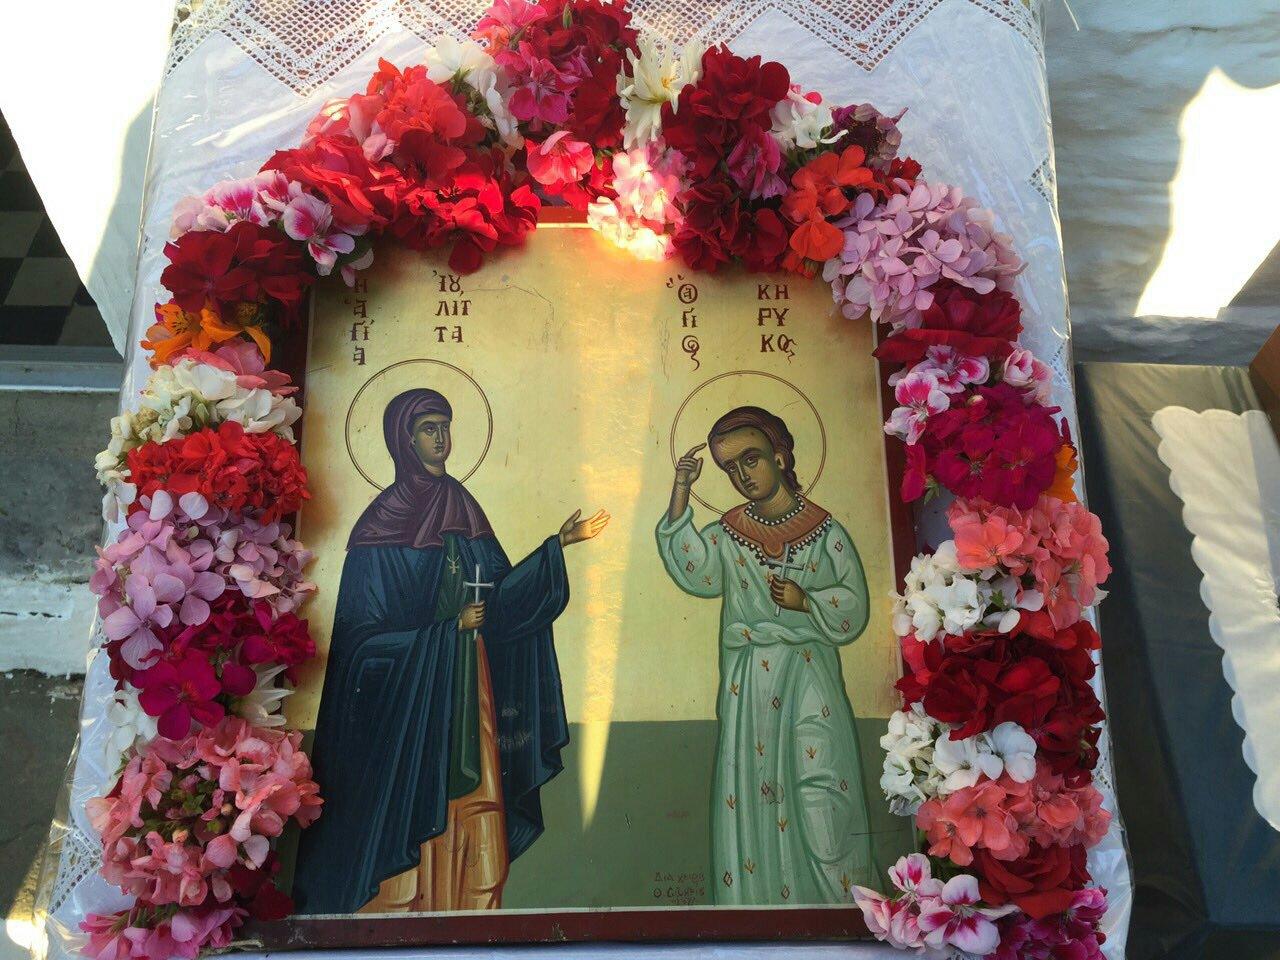 Αποτέλεσμα εικόνας για αγιων κηρυκου και ιουλιττης